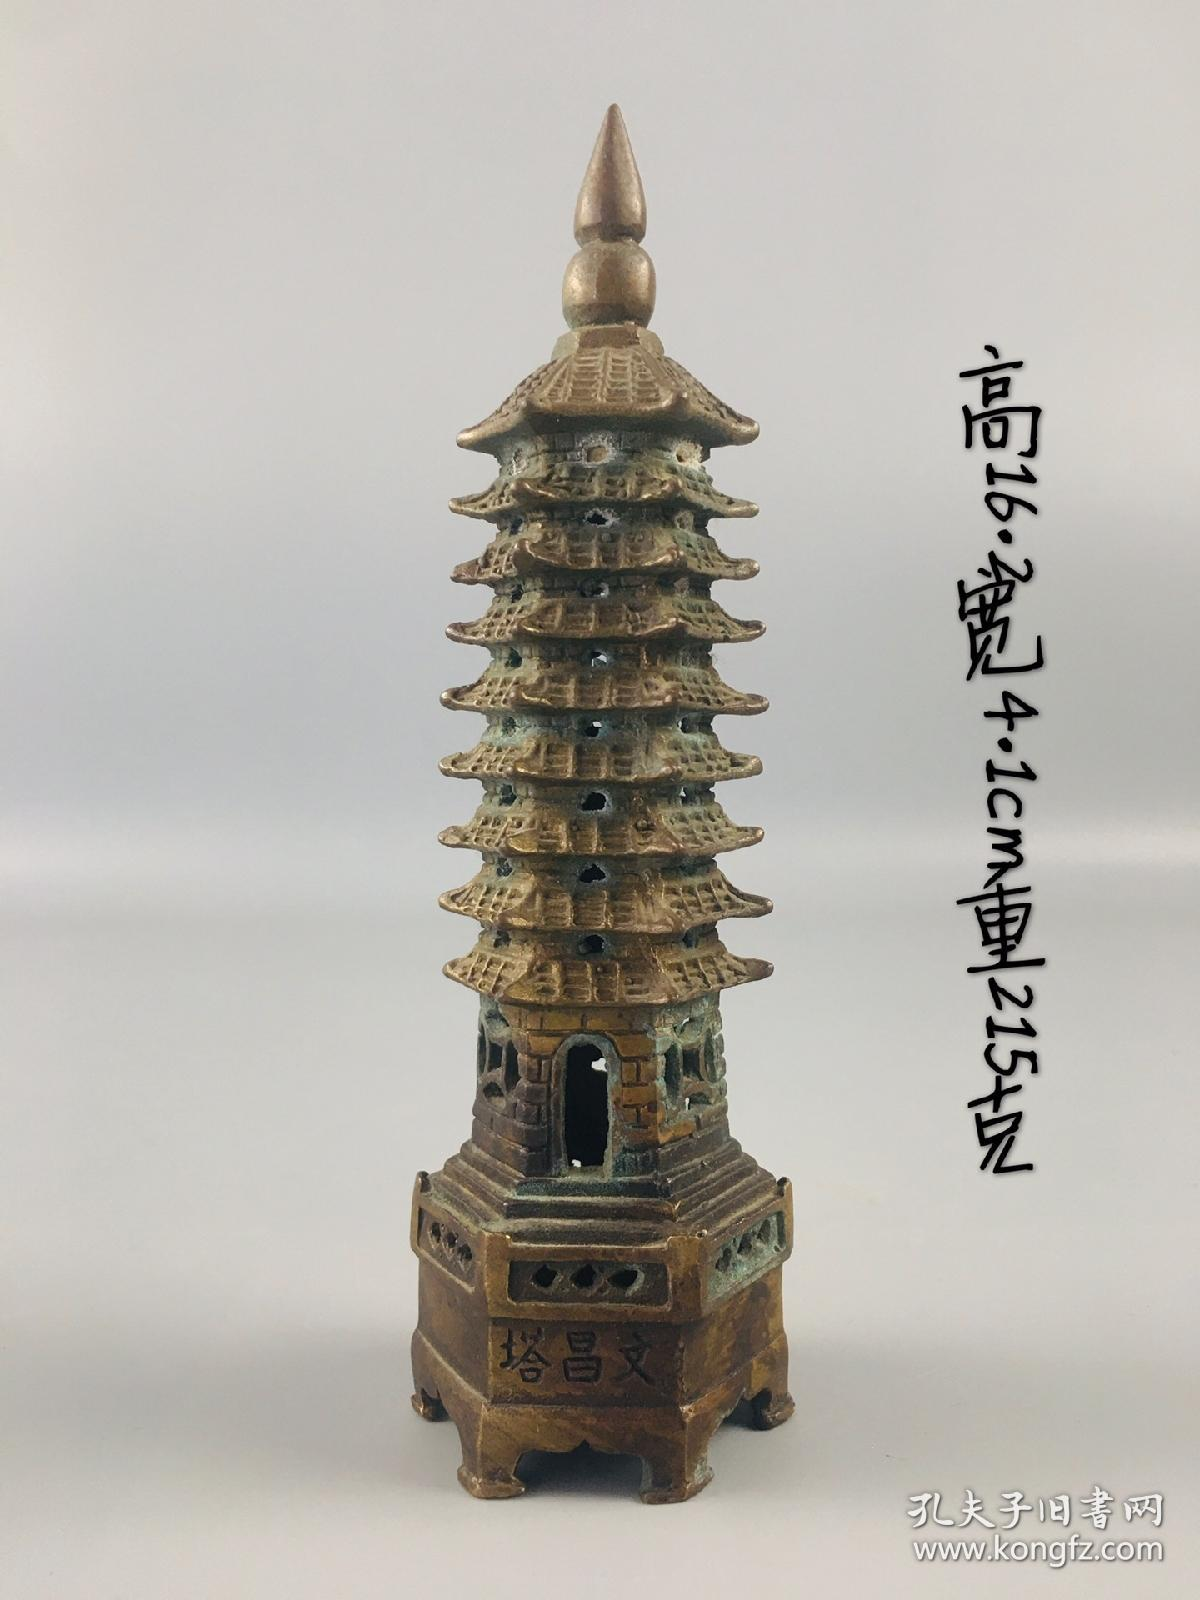 纯铜文昌塔摆件  纯铜制作  制作精细  包浆自然厚重  品相完整